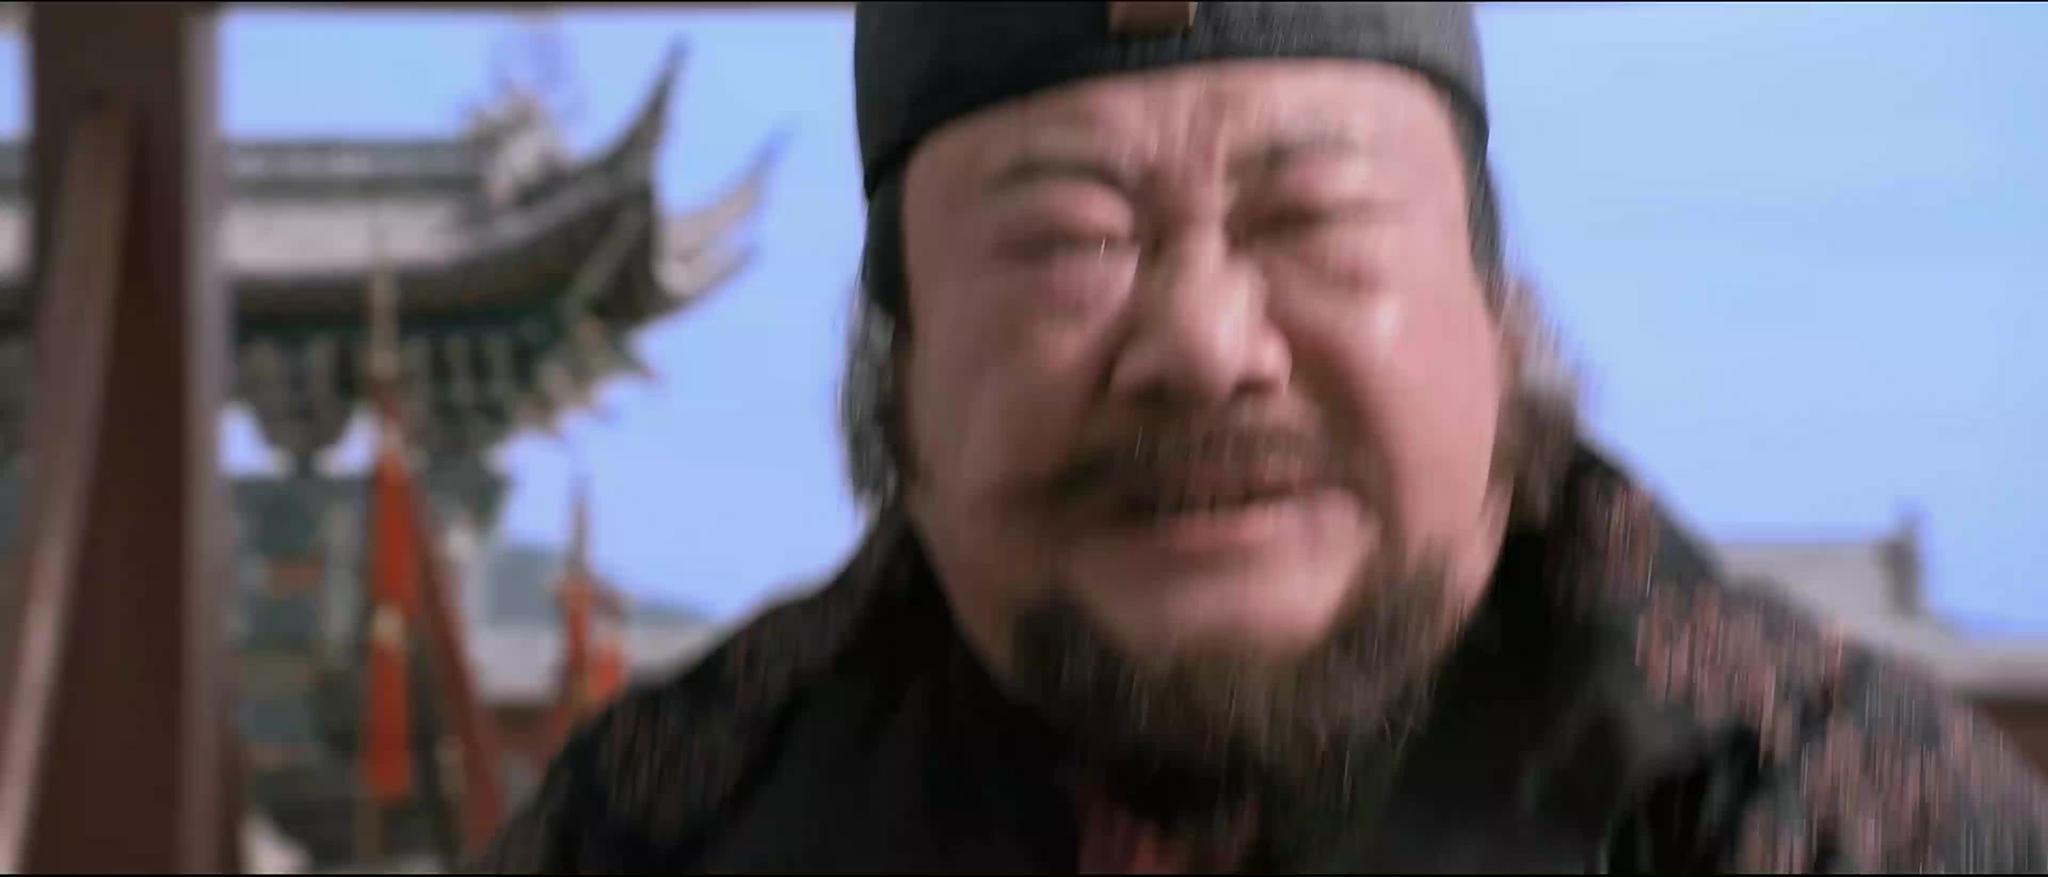 狄仁杰之通天帝国:邓超面见刘嘉玲汇报案情,众人目睹上司自焚